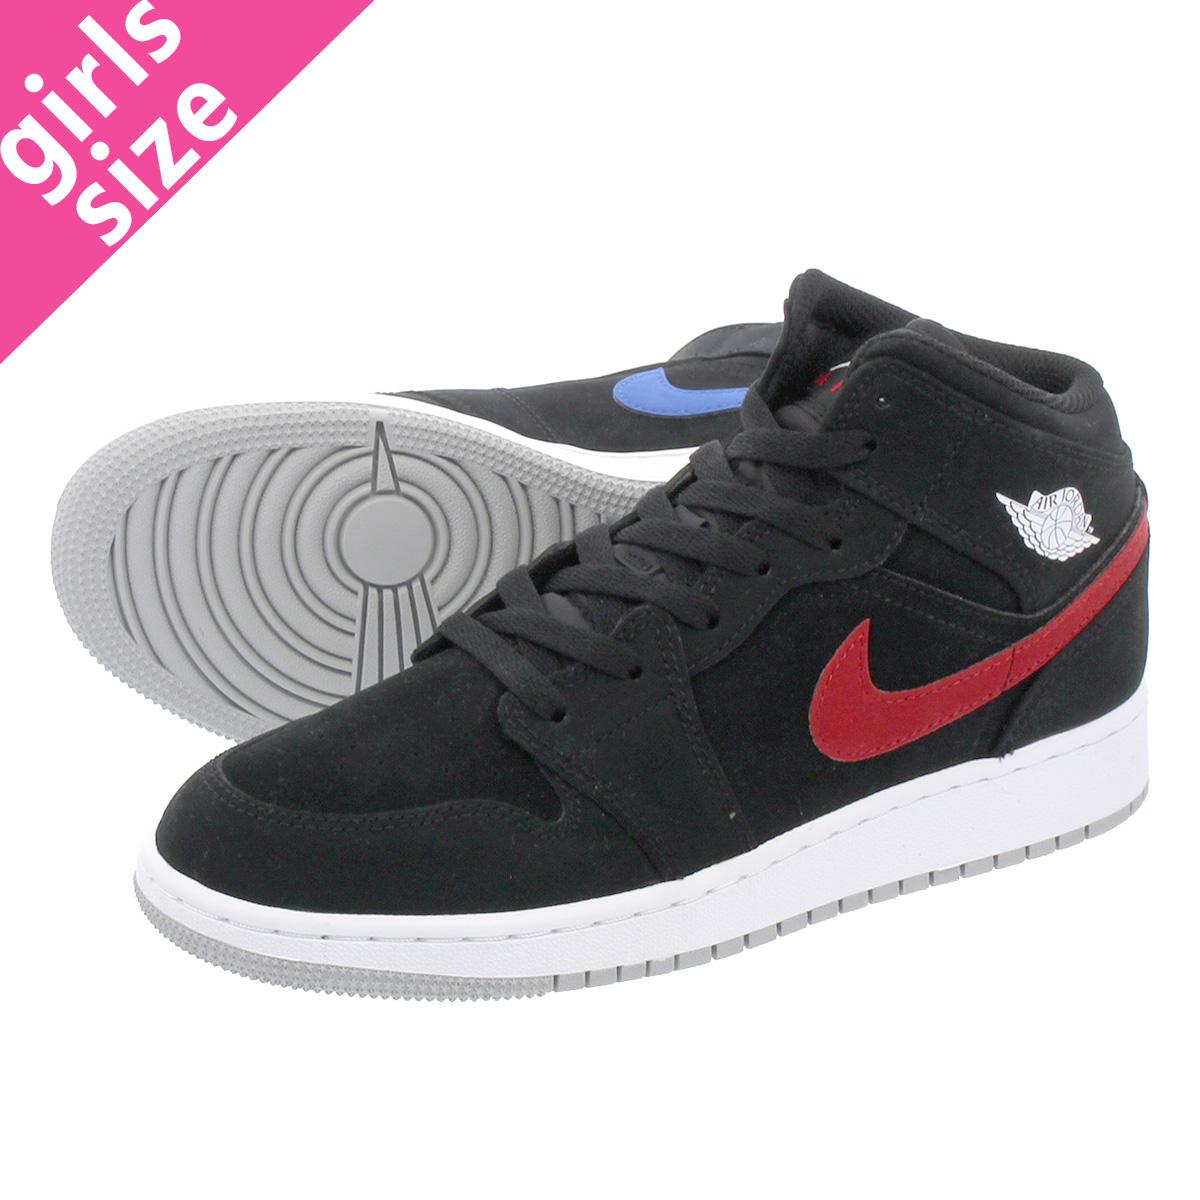 cheap for discount be6ed e7daf NIKE AIR JORDAN 1 MID BG Nike Air Jordan 1 mid BG  BLACK/WHITE/RED/YELLOW/BLUE/GREEN 554,725-065